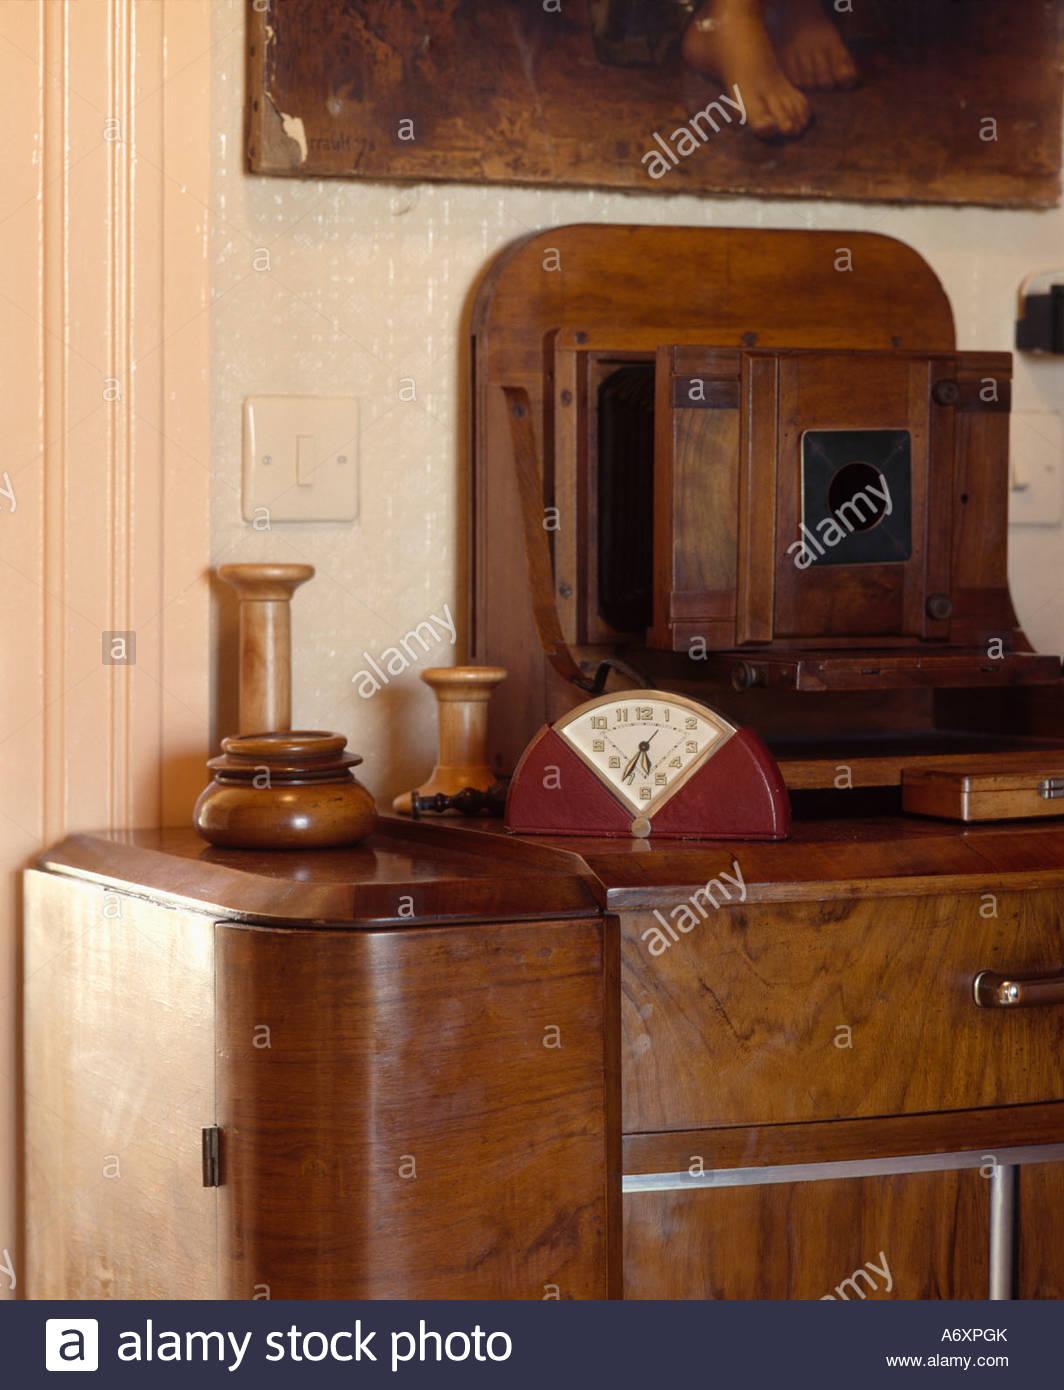 art deco clock on twenties walnut dressing table A6XPGK